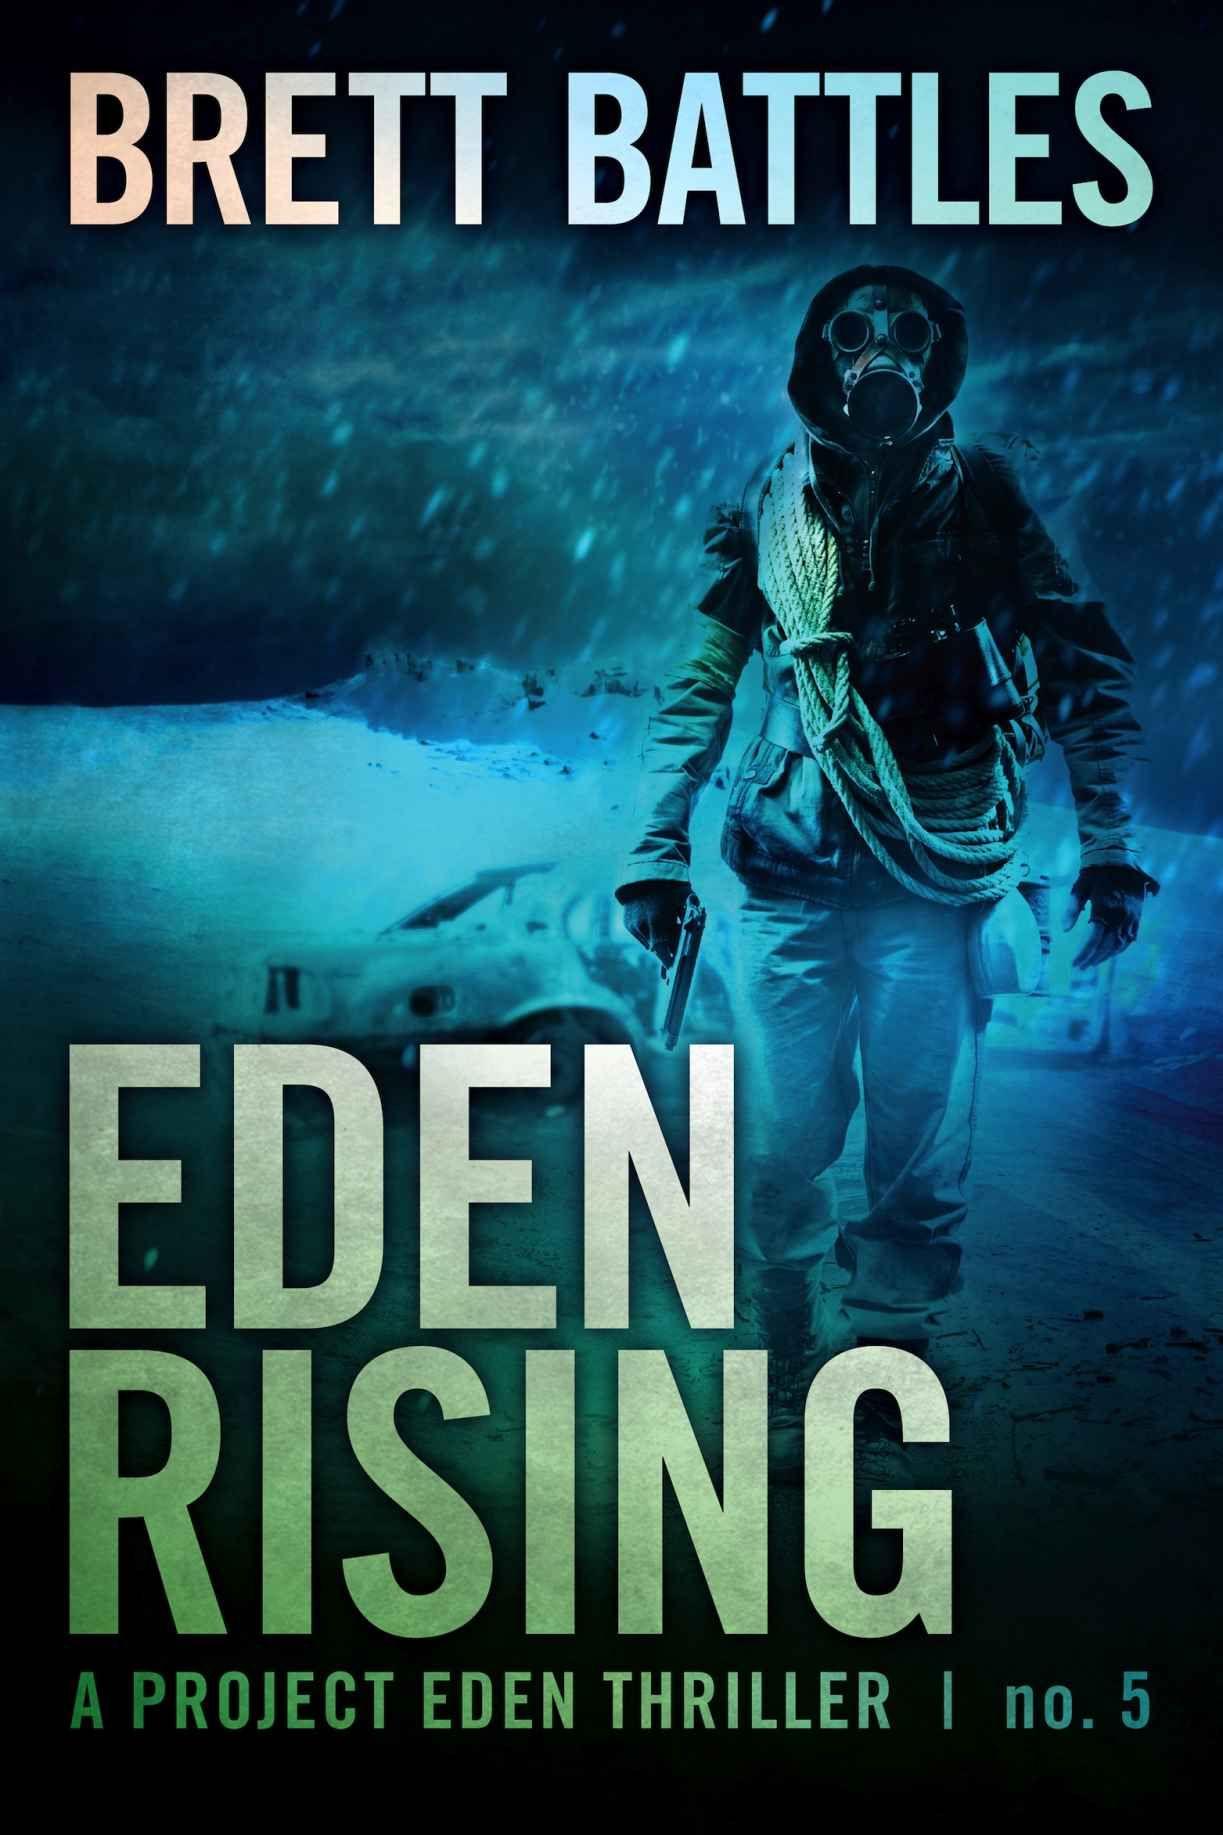 Amazon.com: Eden Rising (A Project Eden Thriller Book 5) eBook: Brett Battles…